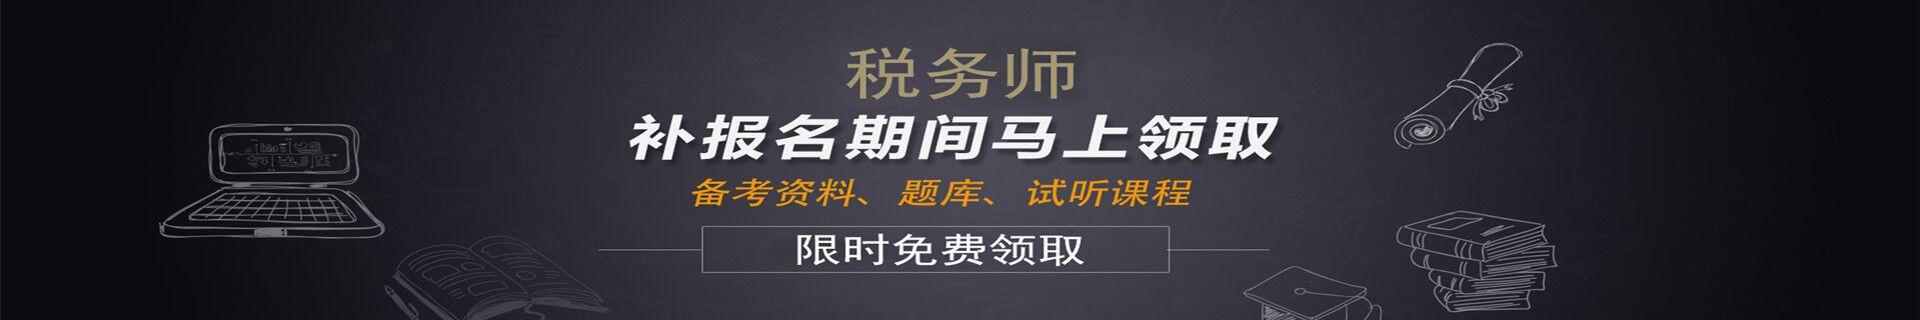 上海高顿财经松江校区